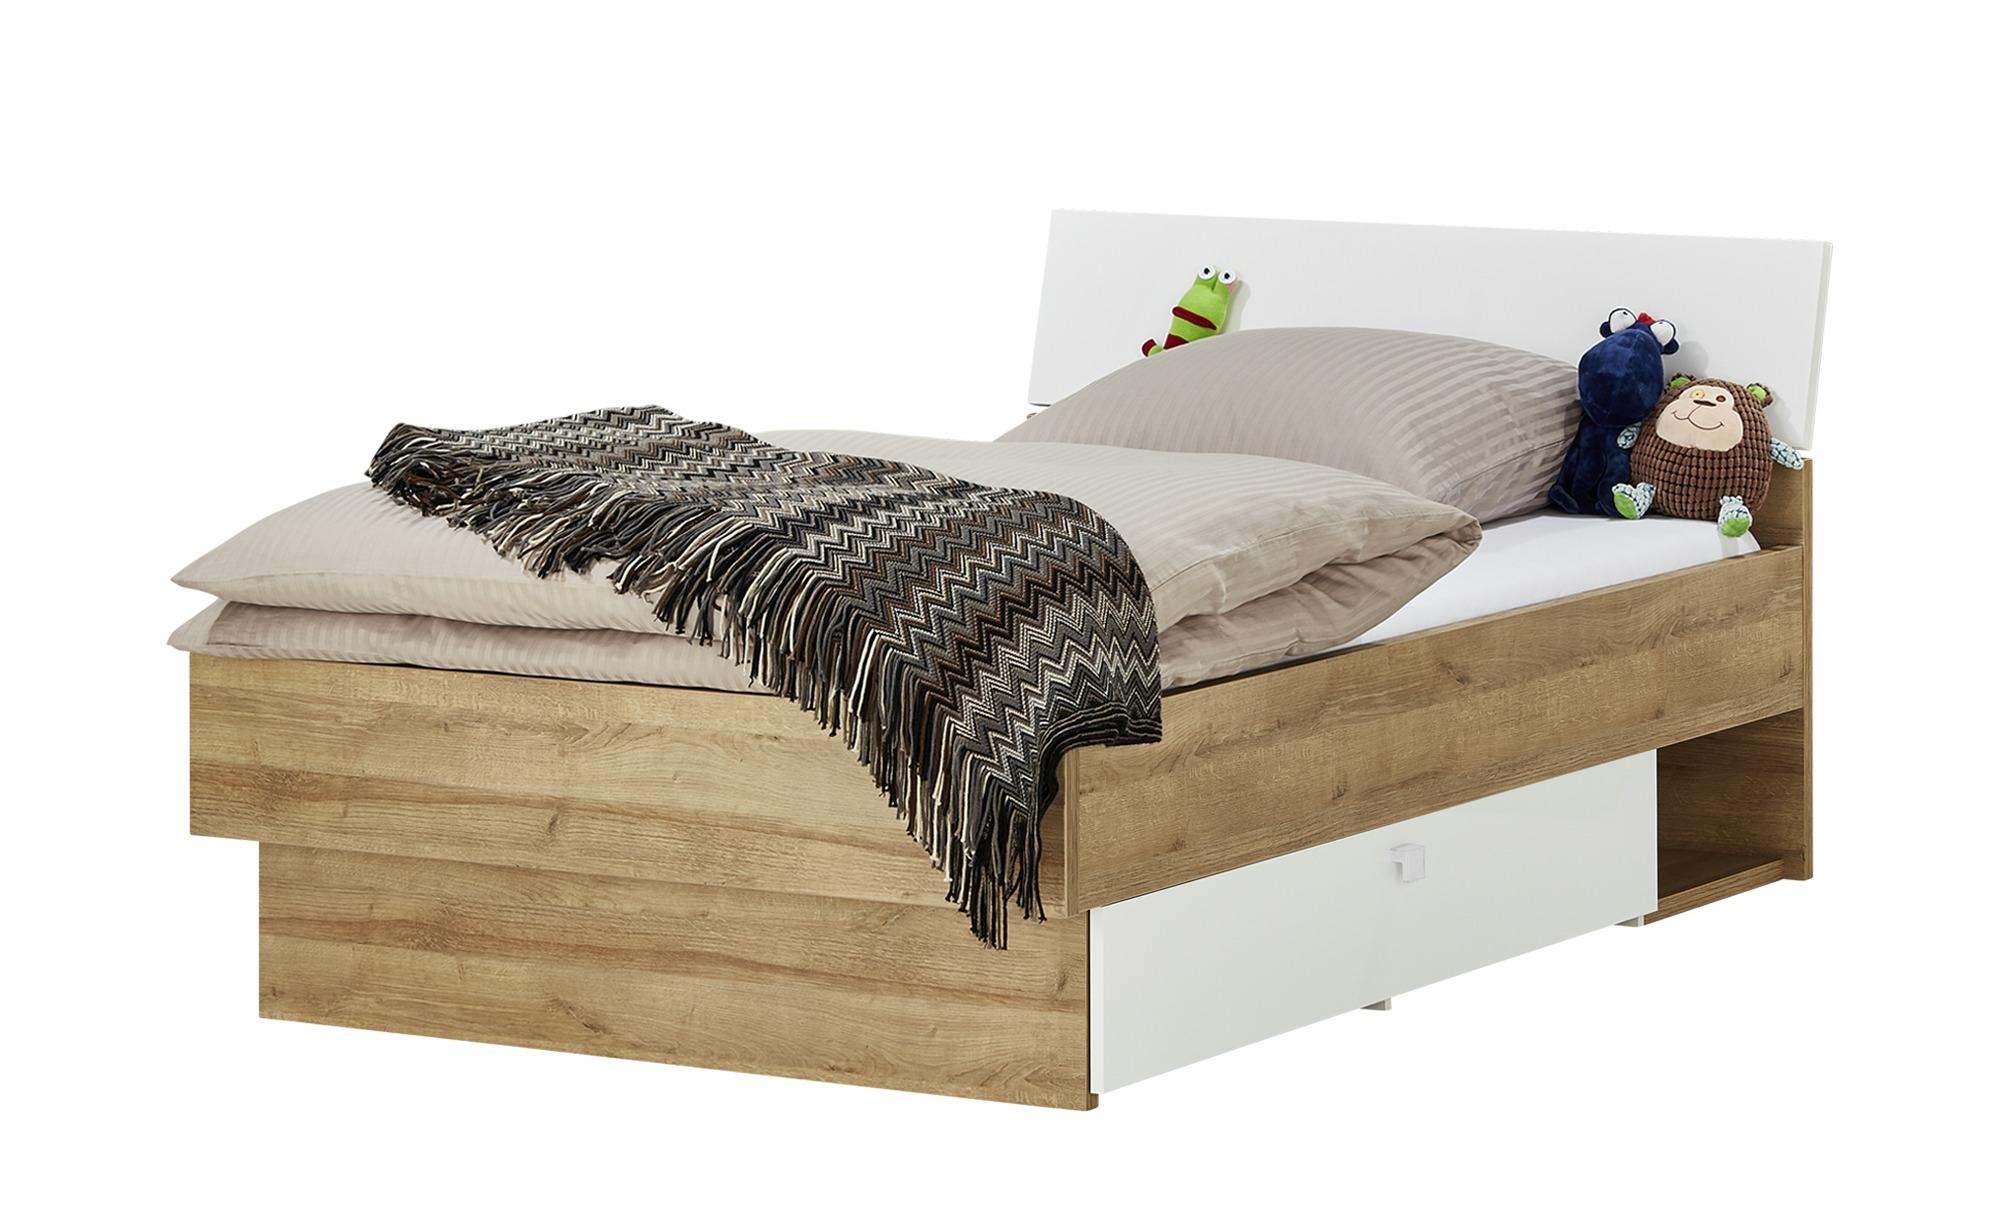 Full Size of Bettgestell 120x200 Bett Bente Cm Mbel Hffner Weiß Mit Matratze Und Lattenrost Betten Bettkasten Wohnzimmer Bettgestell 120x200